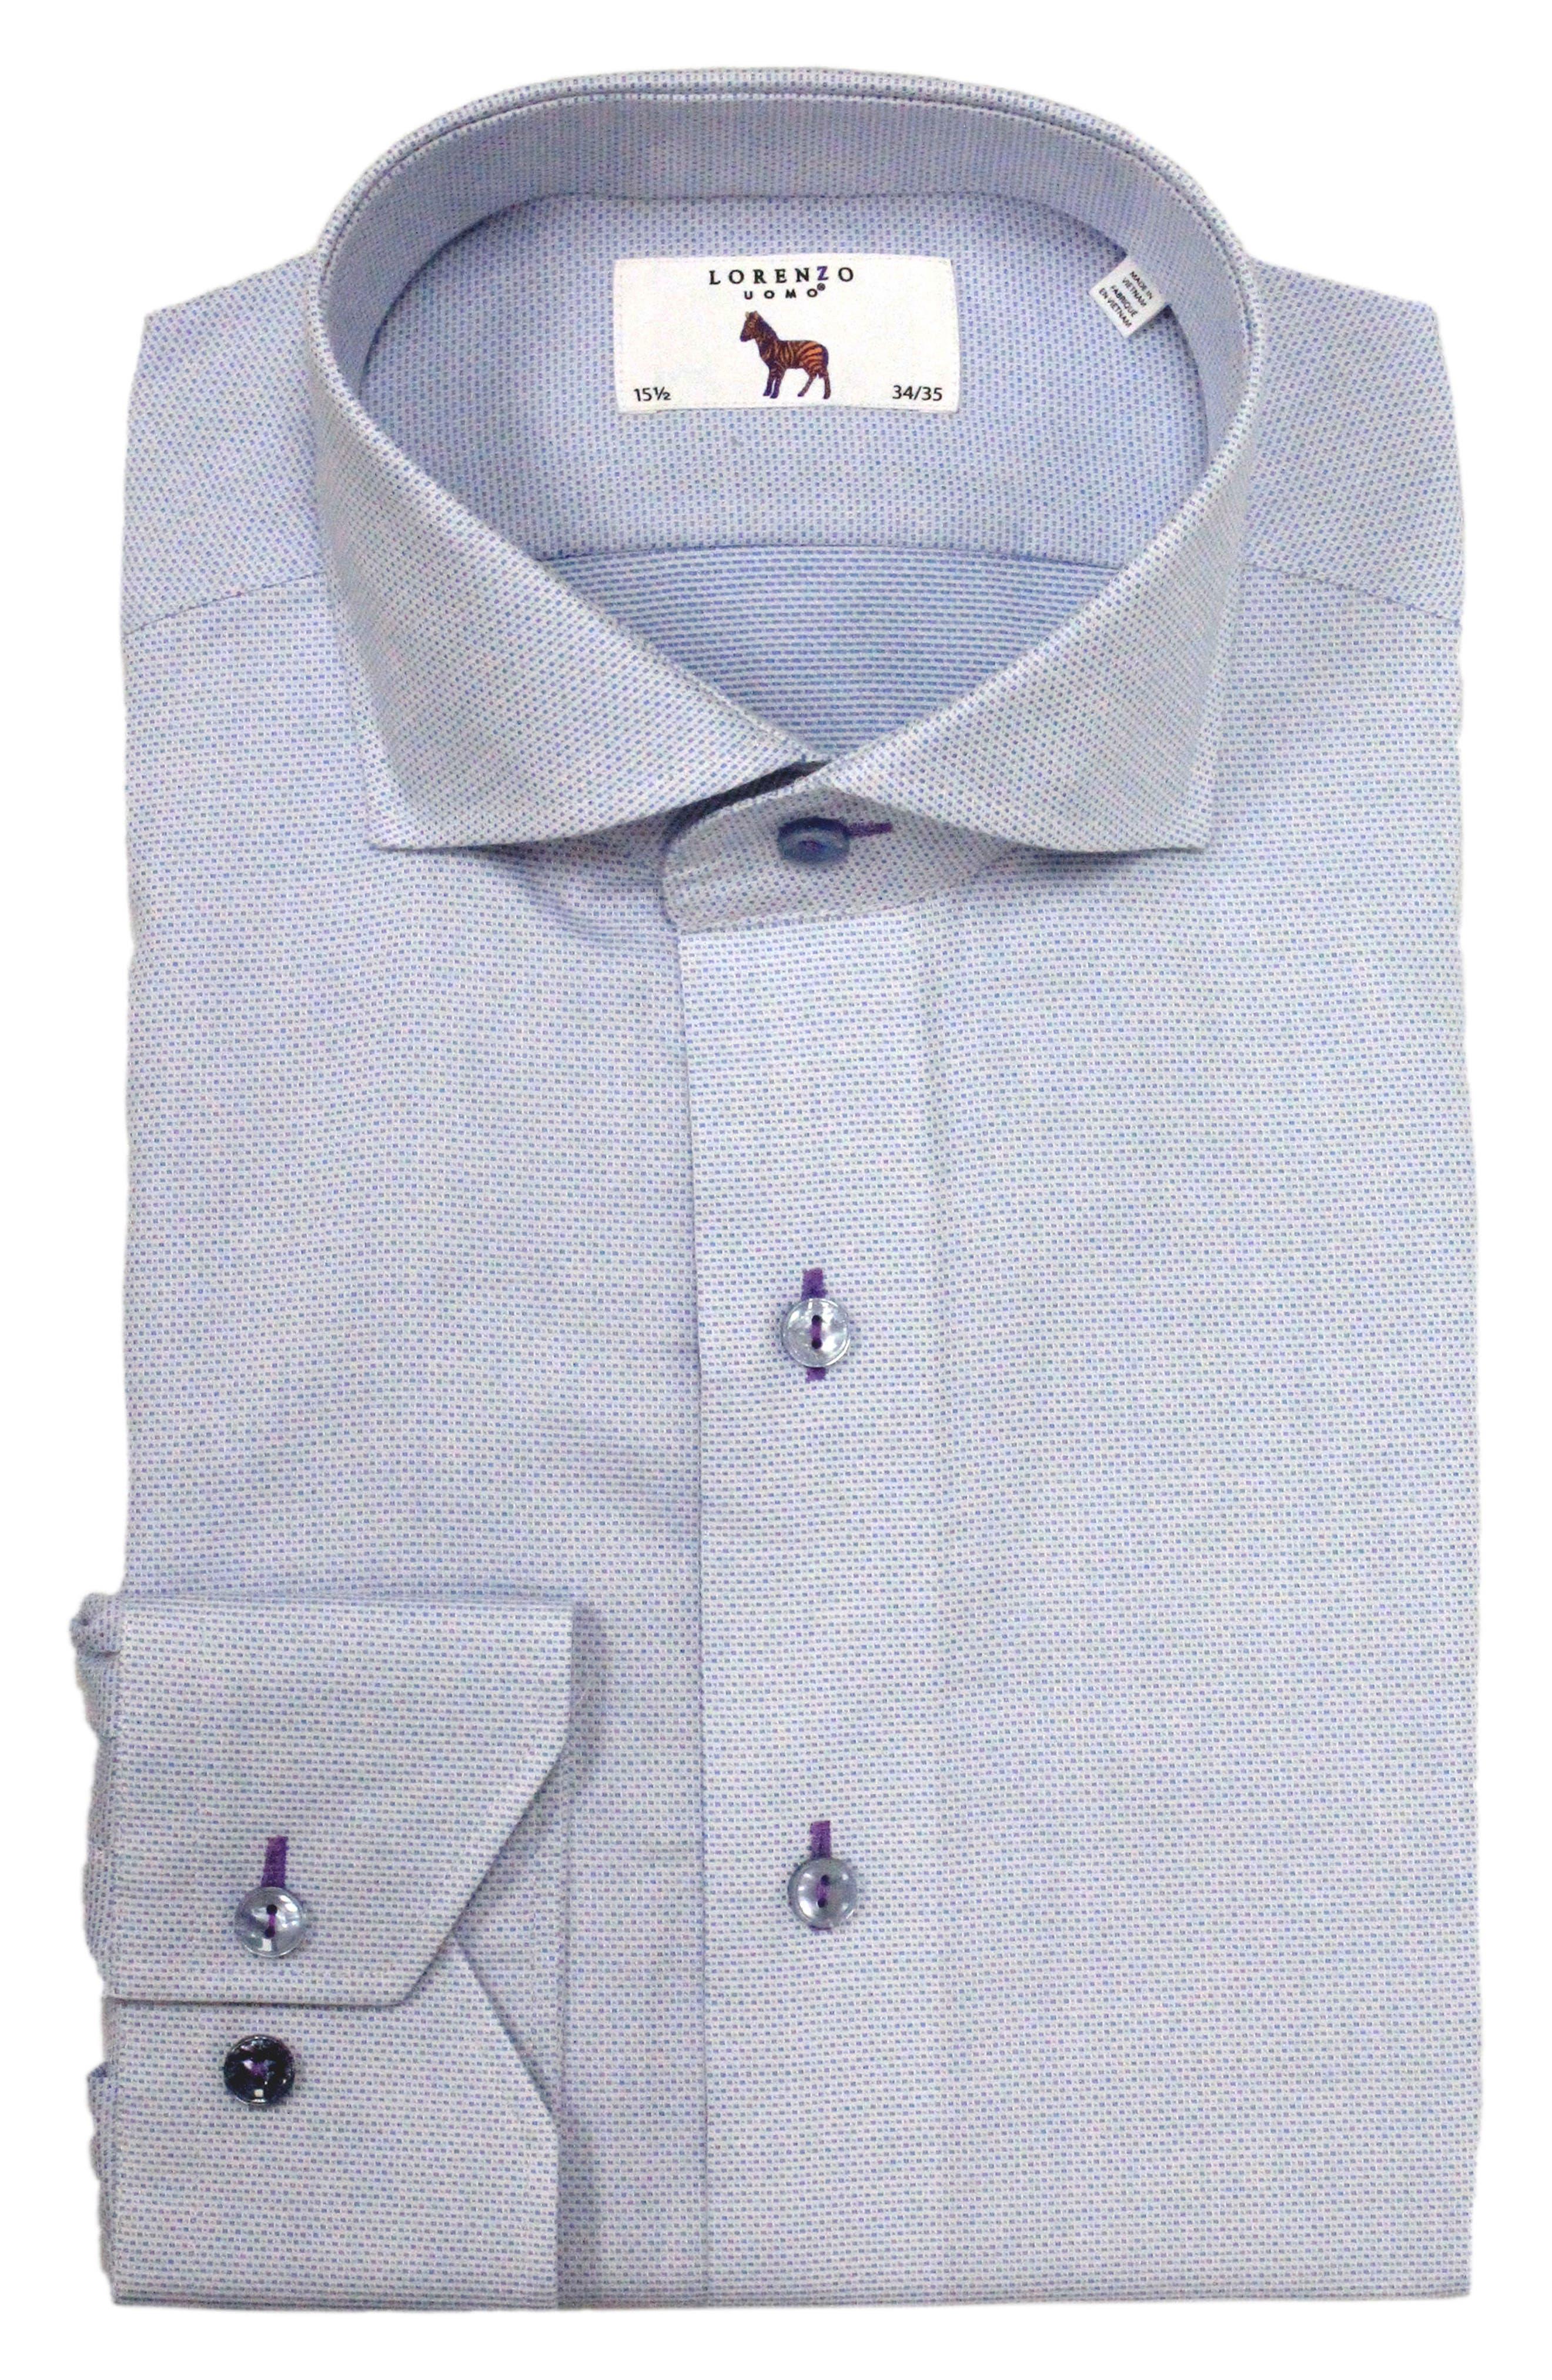 Trim Fit Solid Dress Shirt,                             Main thumbnail 1, color,                             LIGHT BLUE